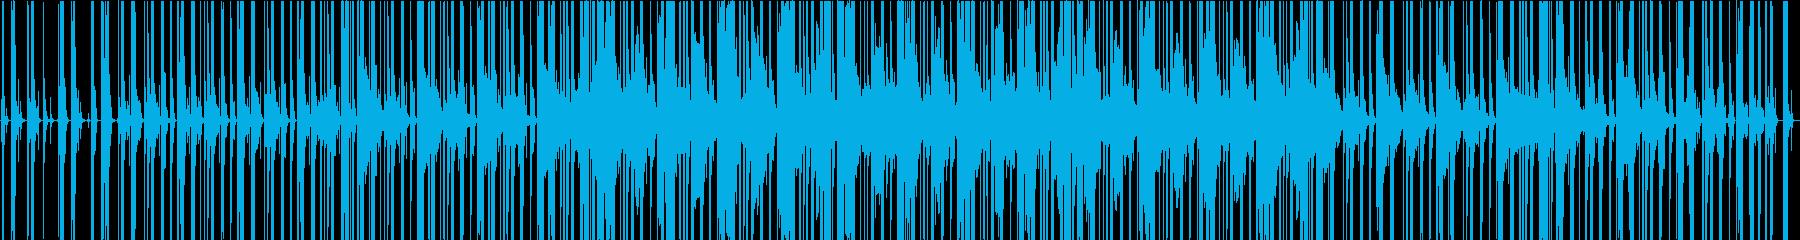 CHILL OUTトラックの再生済みの波形